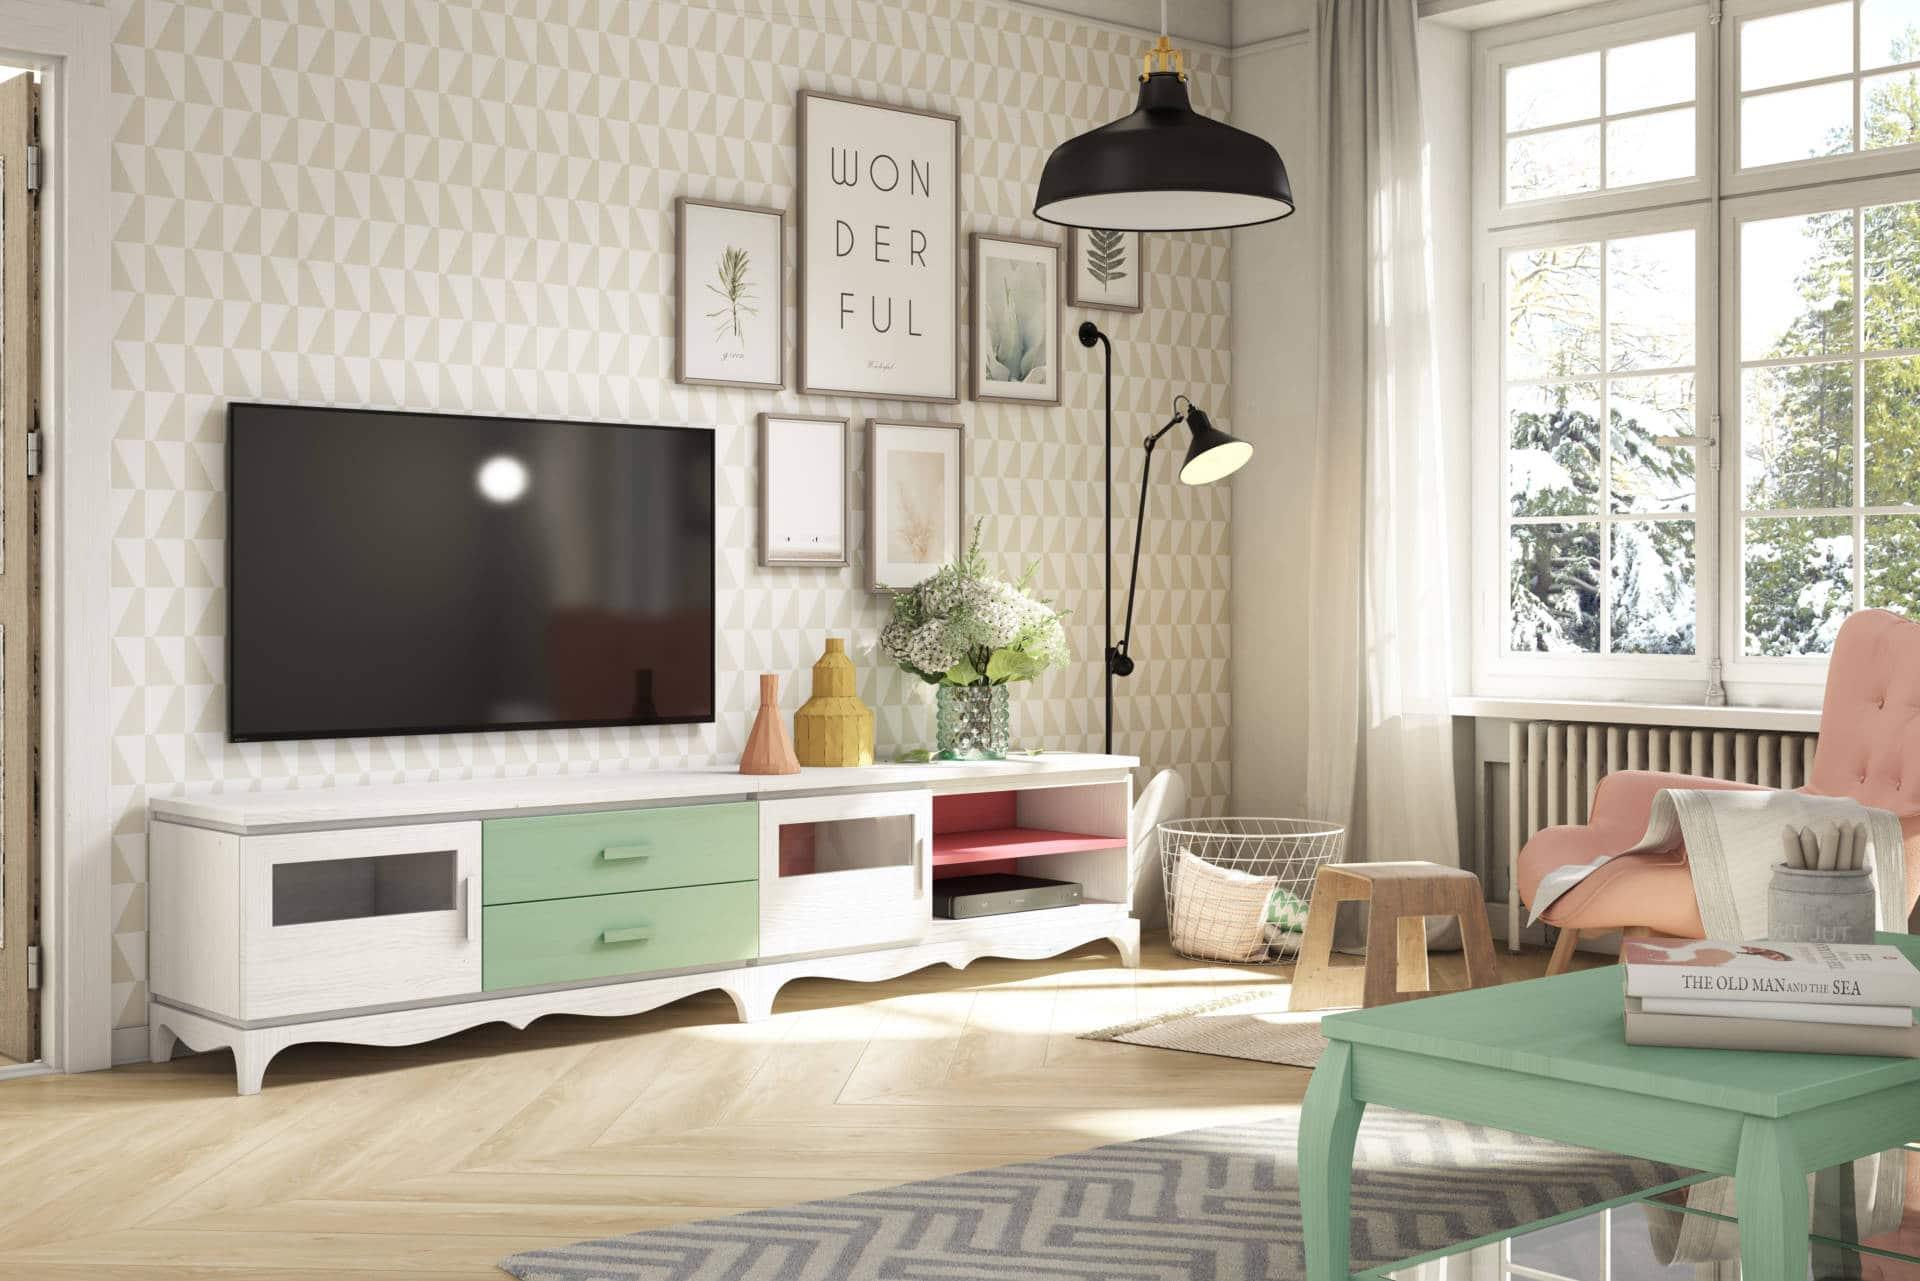 Muebles de sal n r sticos en zaragoza r stica ambientes - Muebles rusticos para salon ...